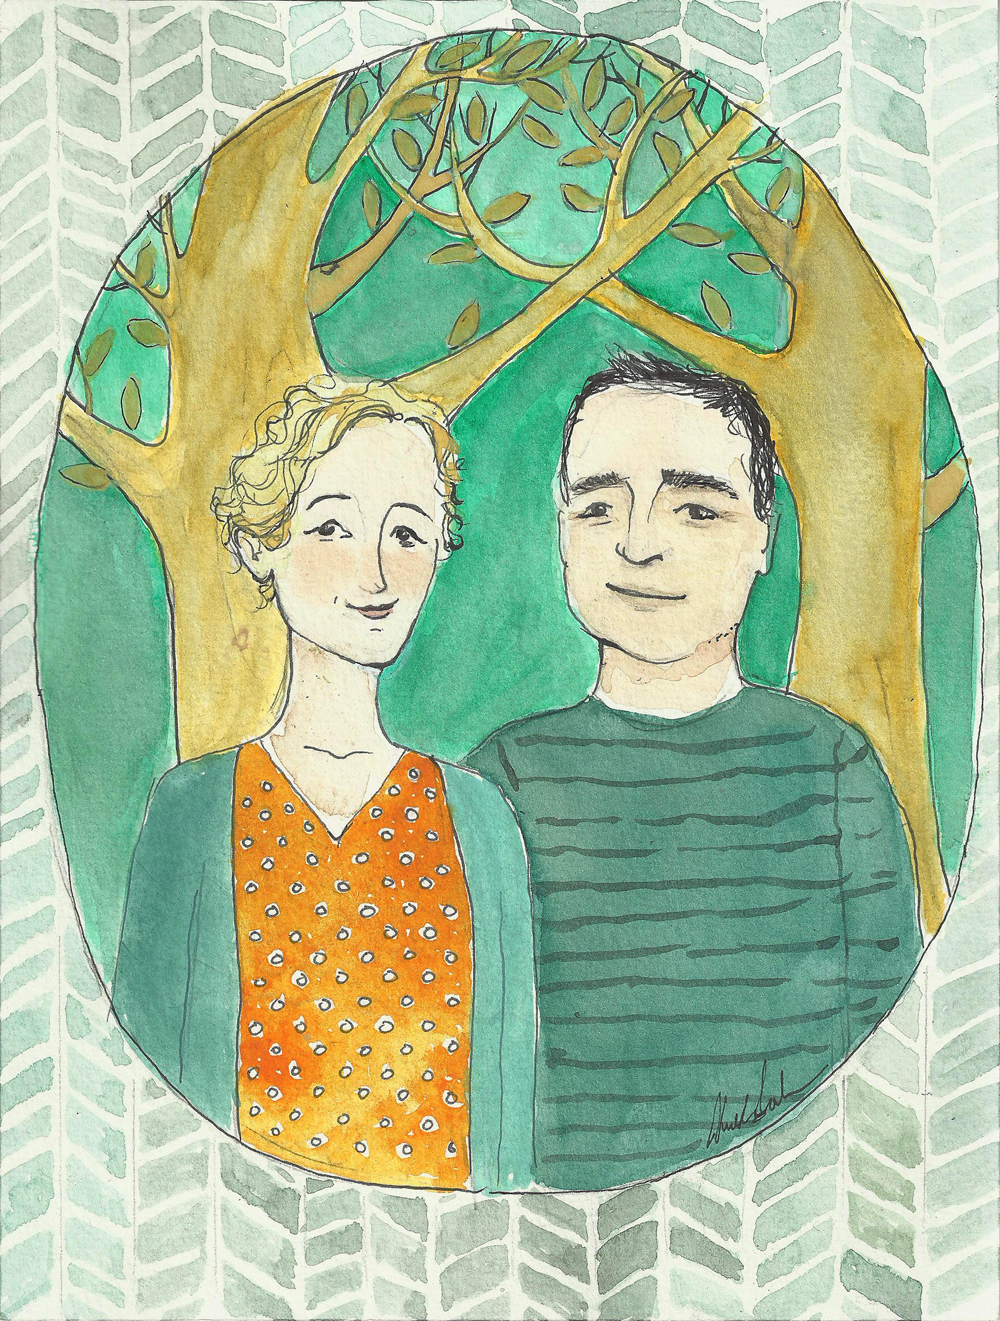 Celia & Matt, 2015